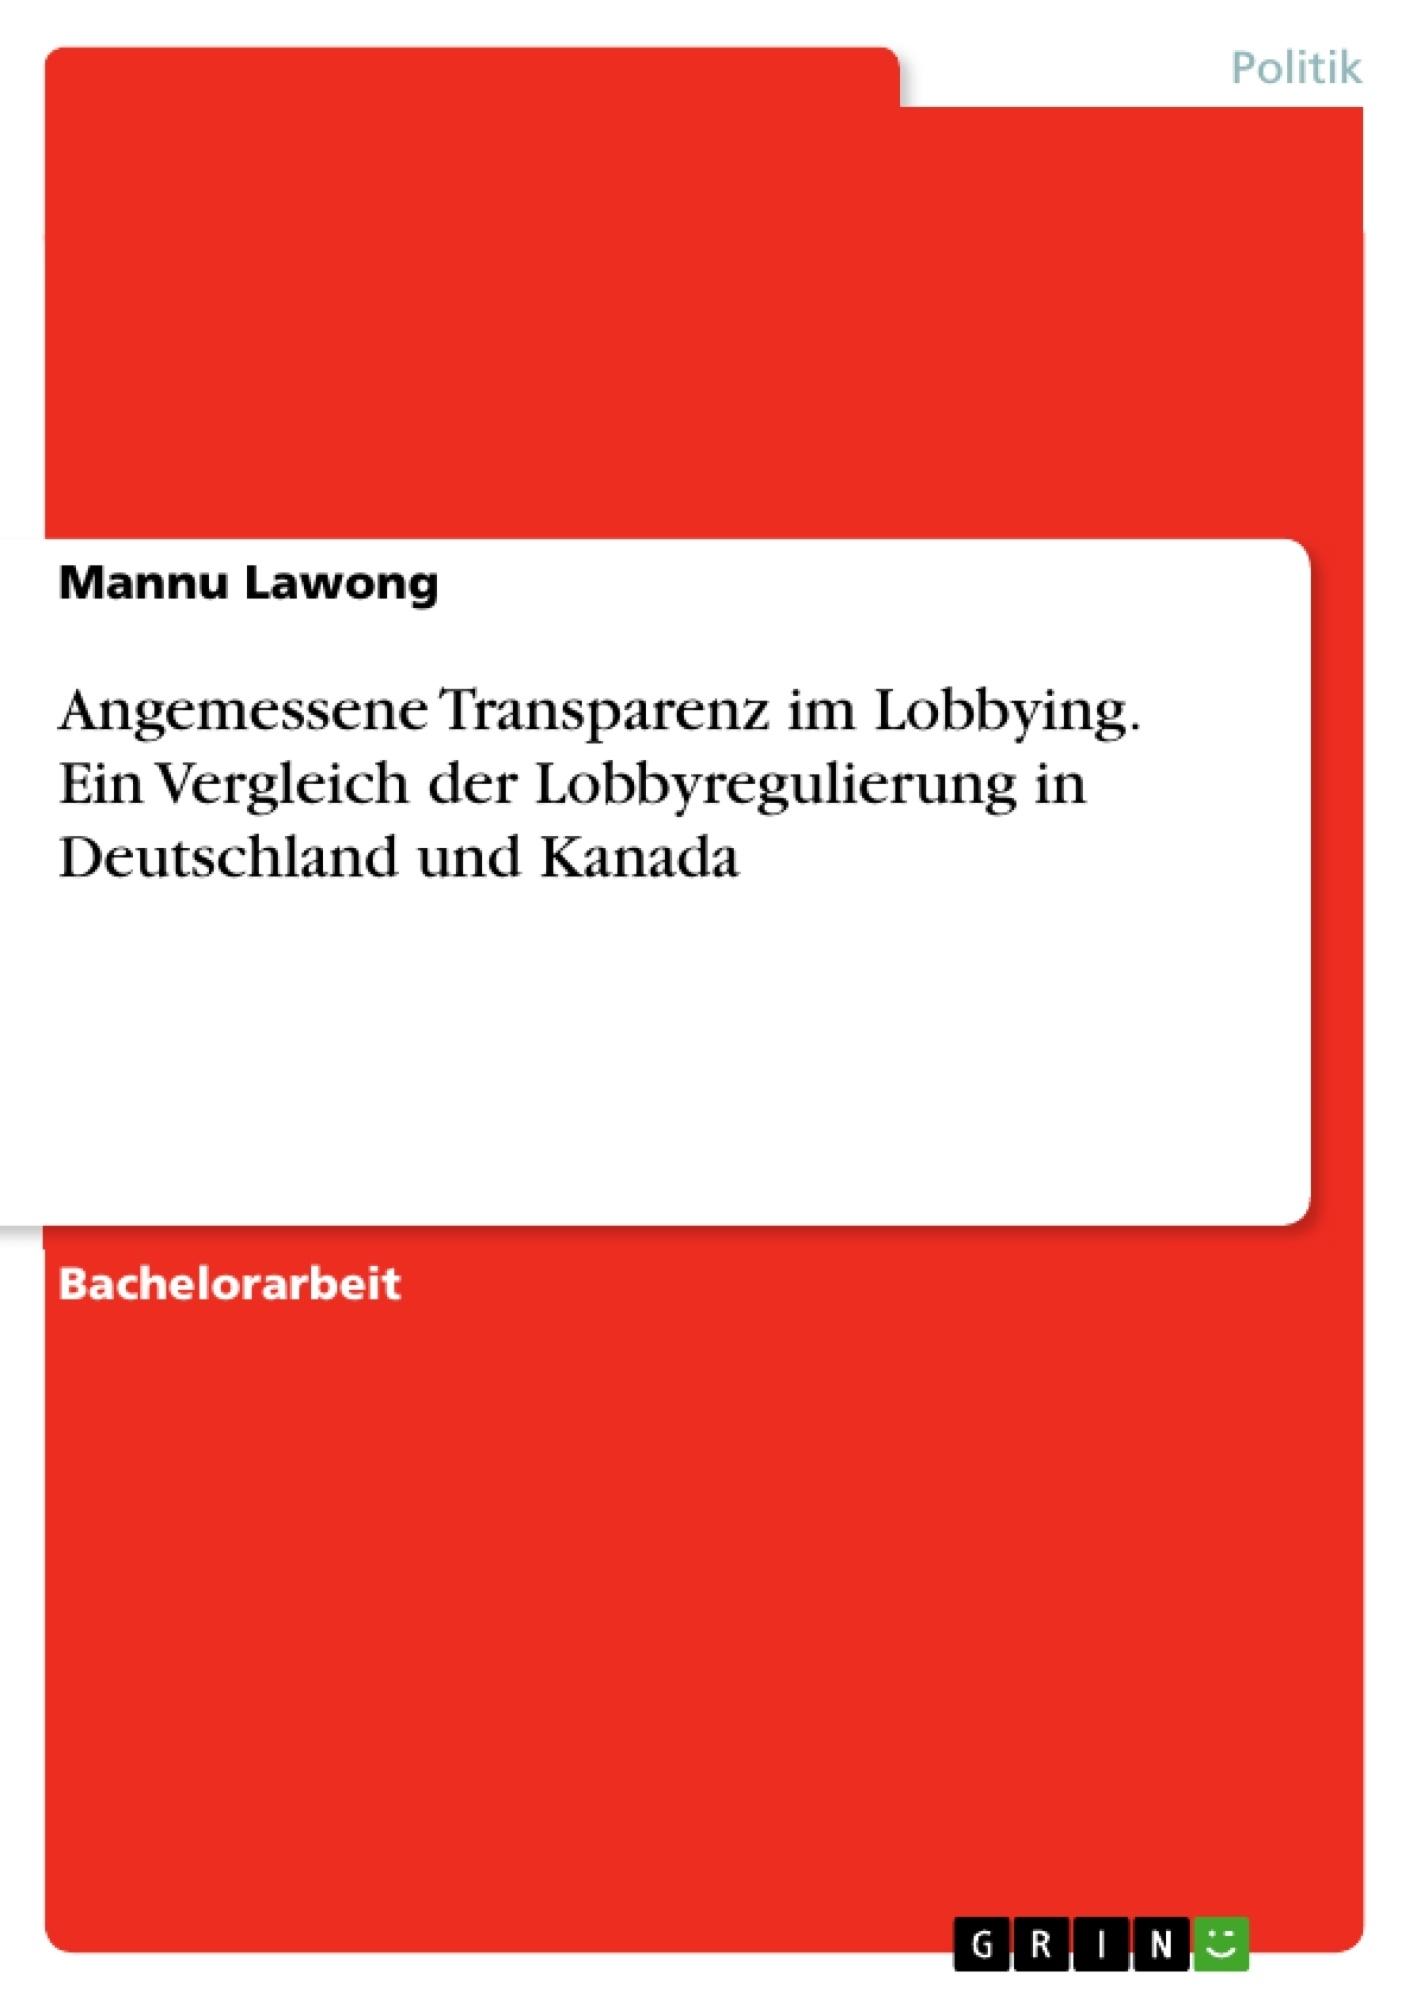 Titel: Angemessene Transparenz im Lobbying. Ein Vergleich der Lobbyregulierung in Deutschland und Kanada